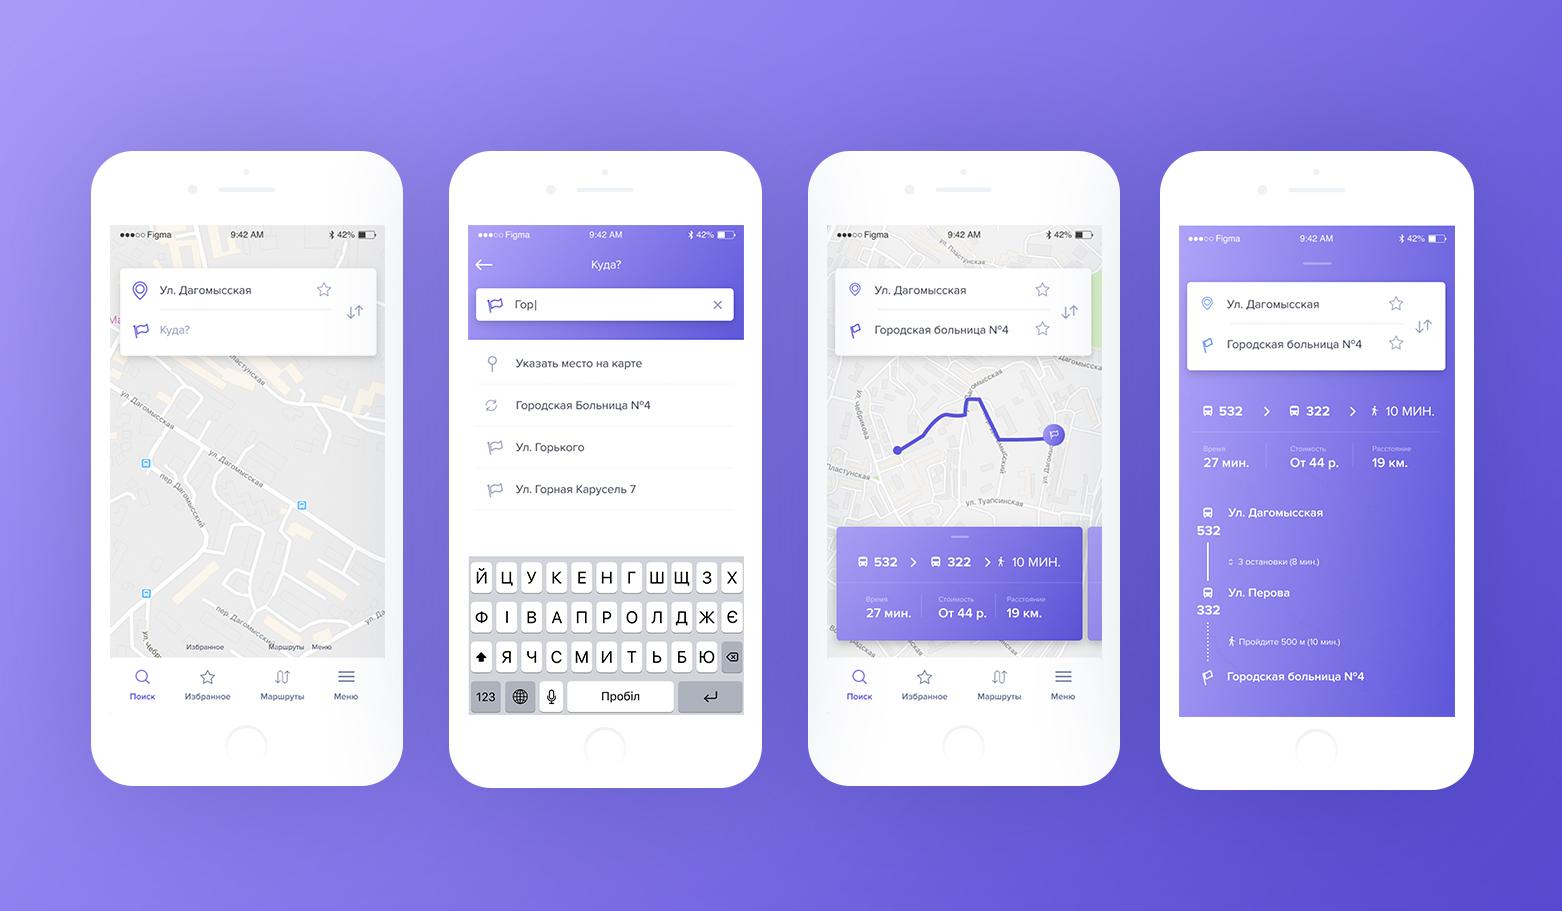 Дизайн-концепция мобильного приложения (3 экрана) фото f_3095b7ca4e3012ad.jpg